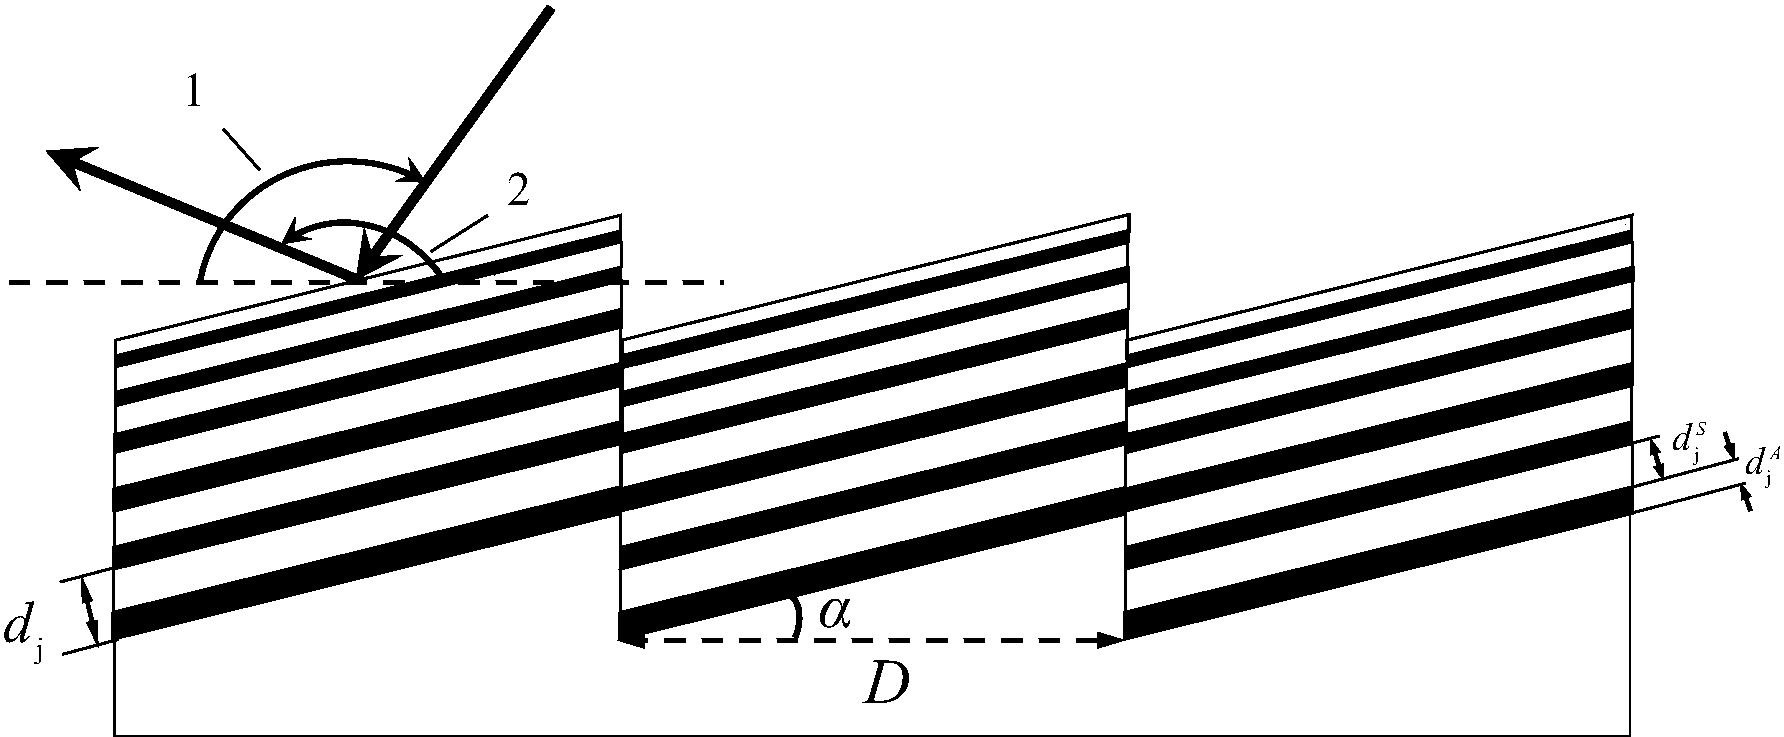 光谱制样矢量图